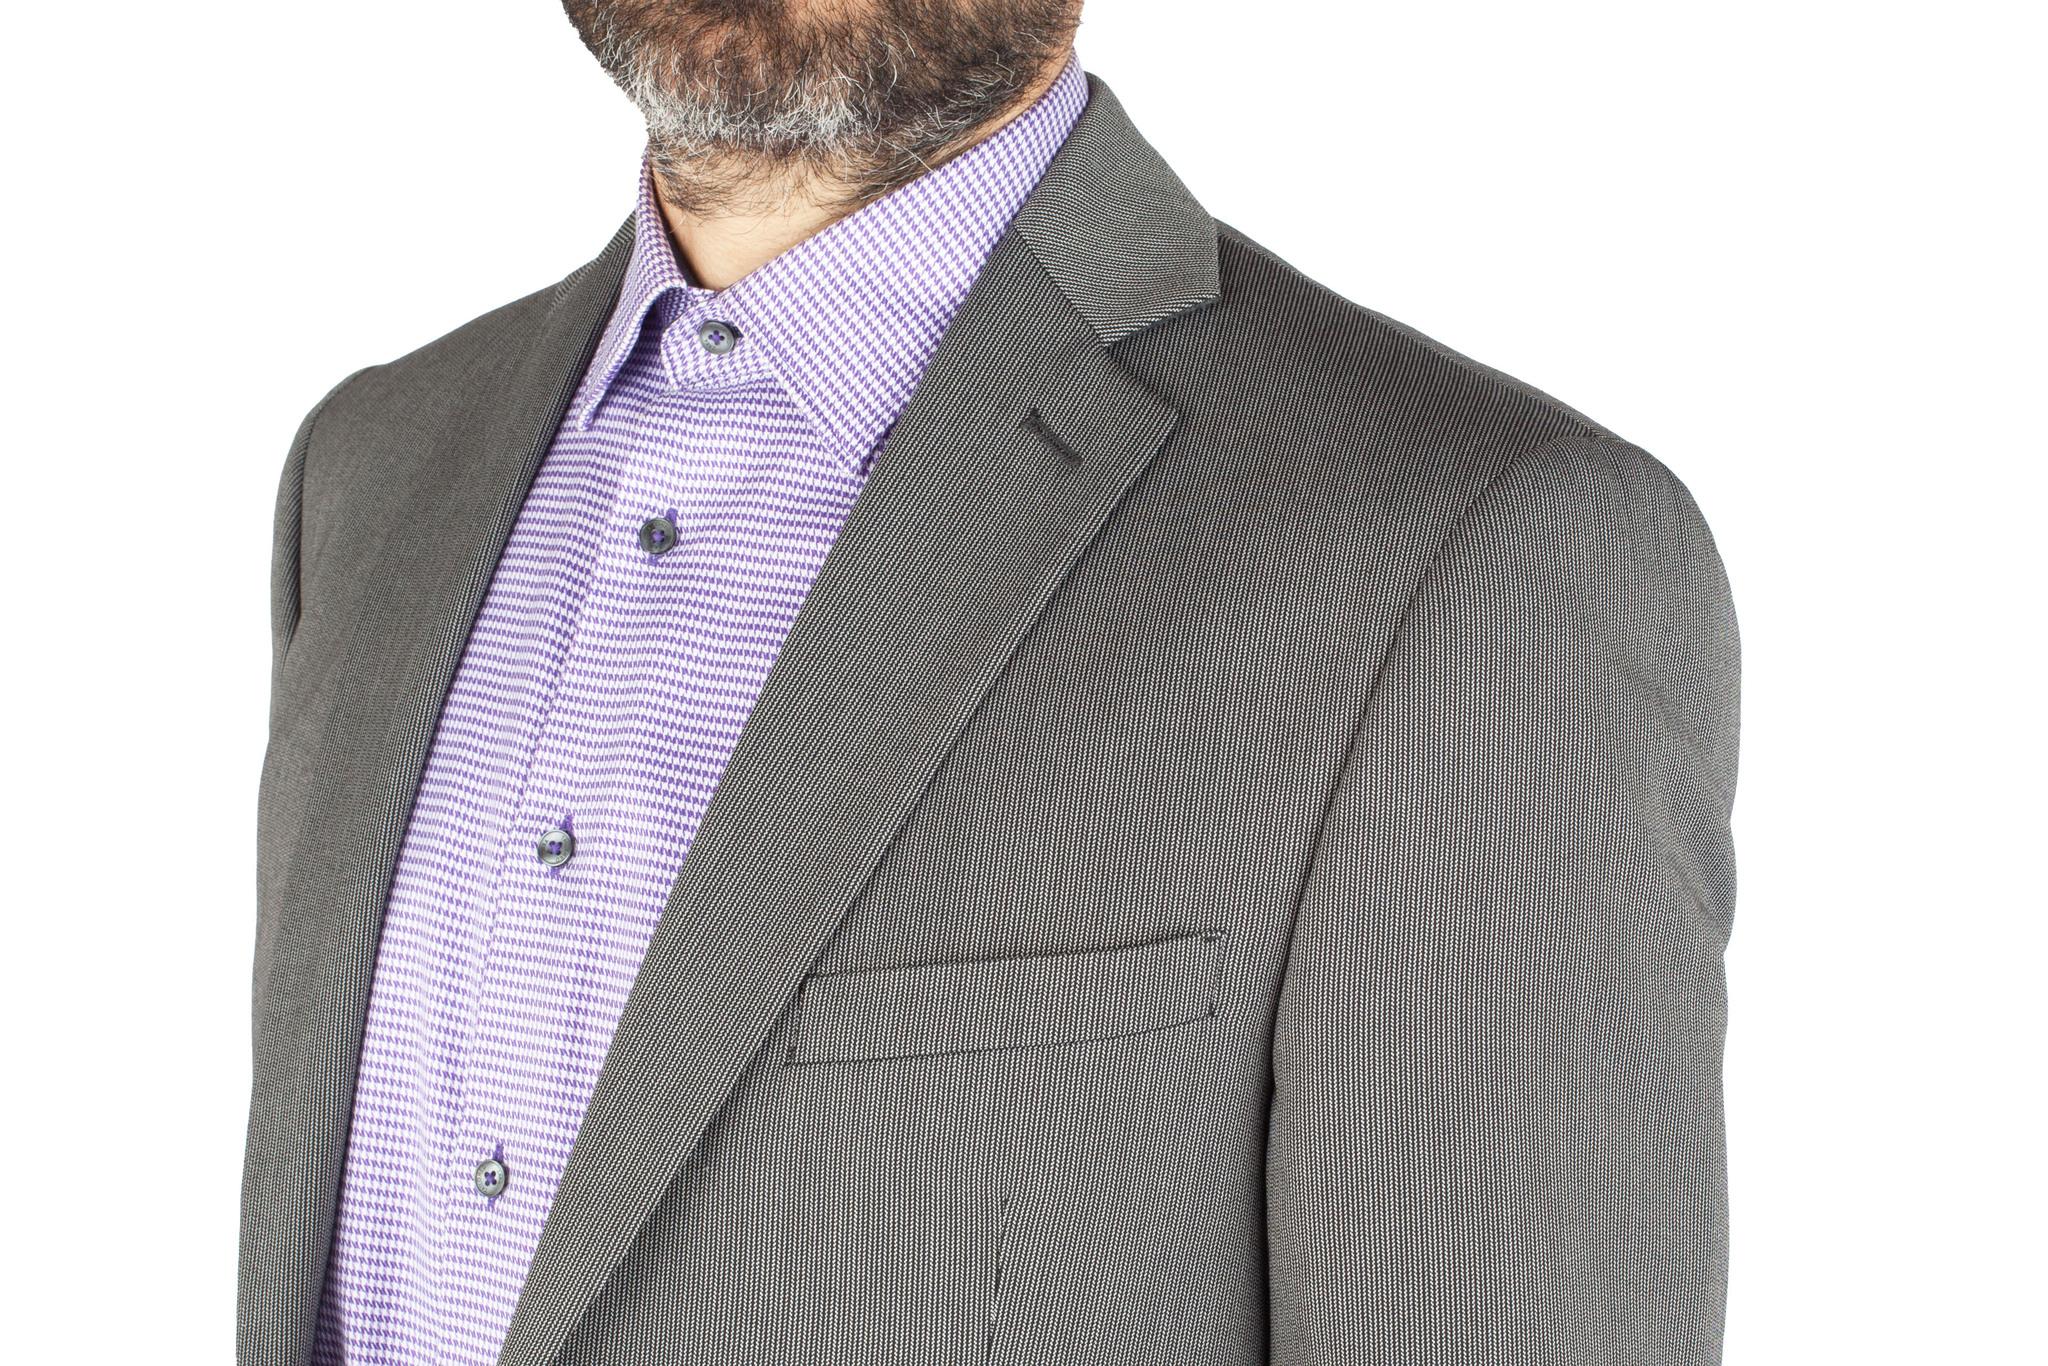 Светло-серый шерстяной костюм, нагрудный карман